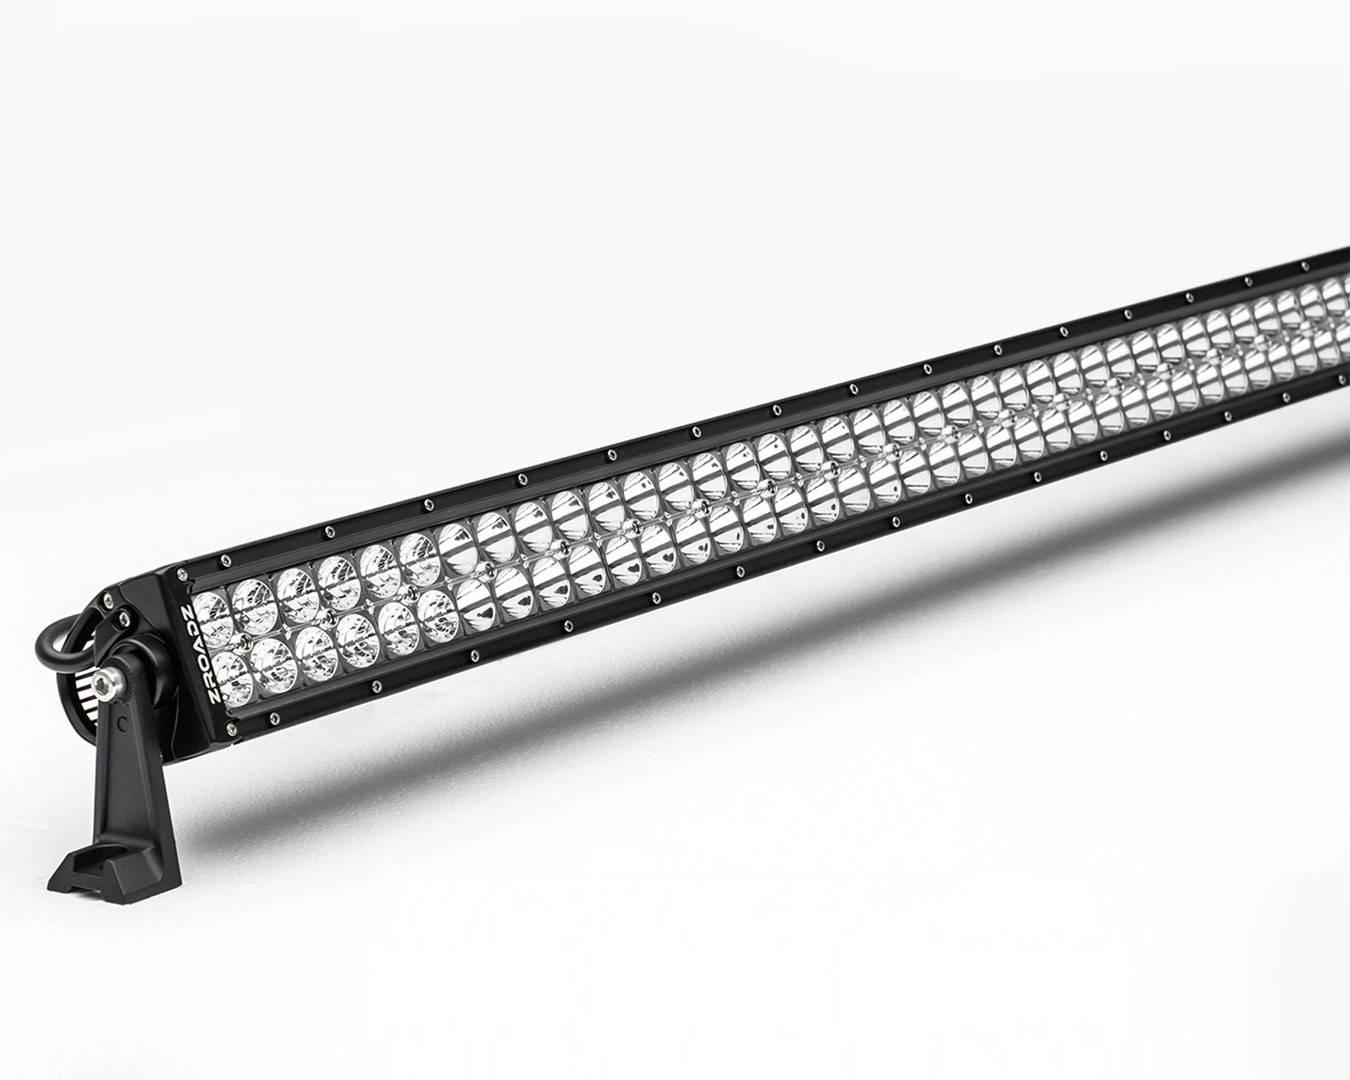 ZROADZ                                             - 50 Inch LED Curved Double Row Light Bar - PN #Z30CBC14W288